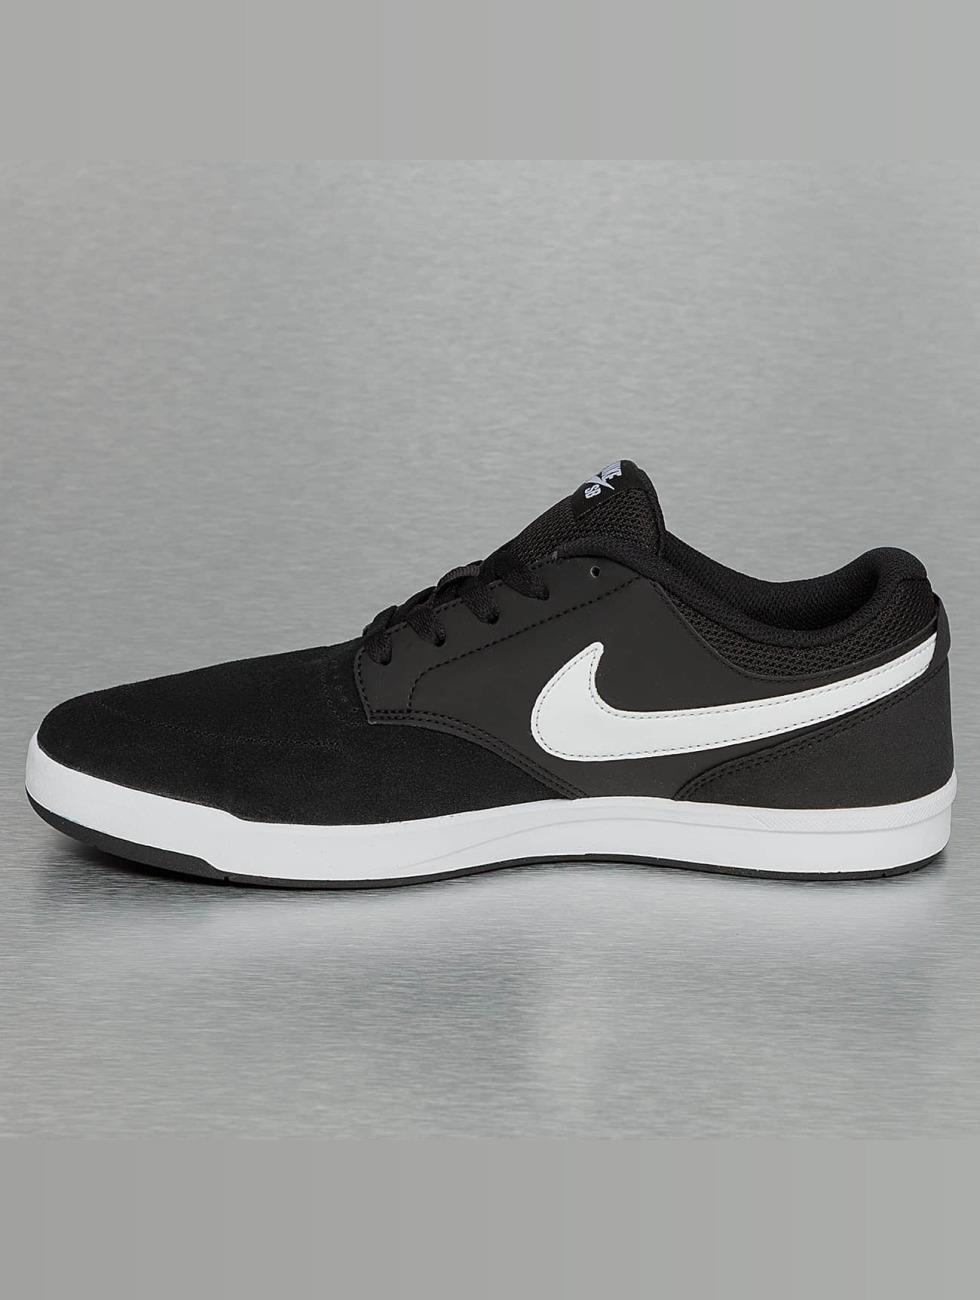 Nike Sb Sko / Sneaker Sb Fokusering Skateboarding Sort 289090 Gode Avtaler Nyeste Billig Pris Salg Beste Stedet i4FCjP